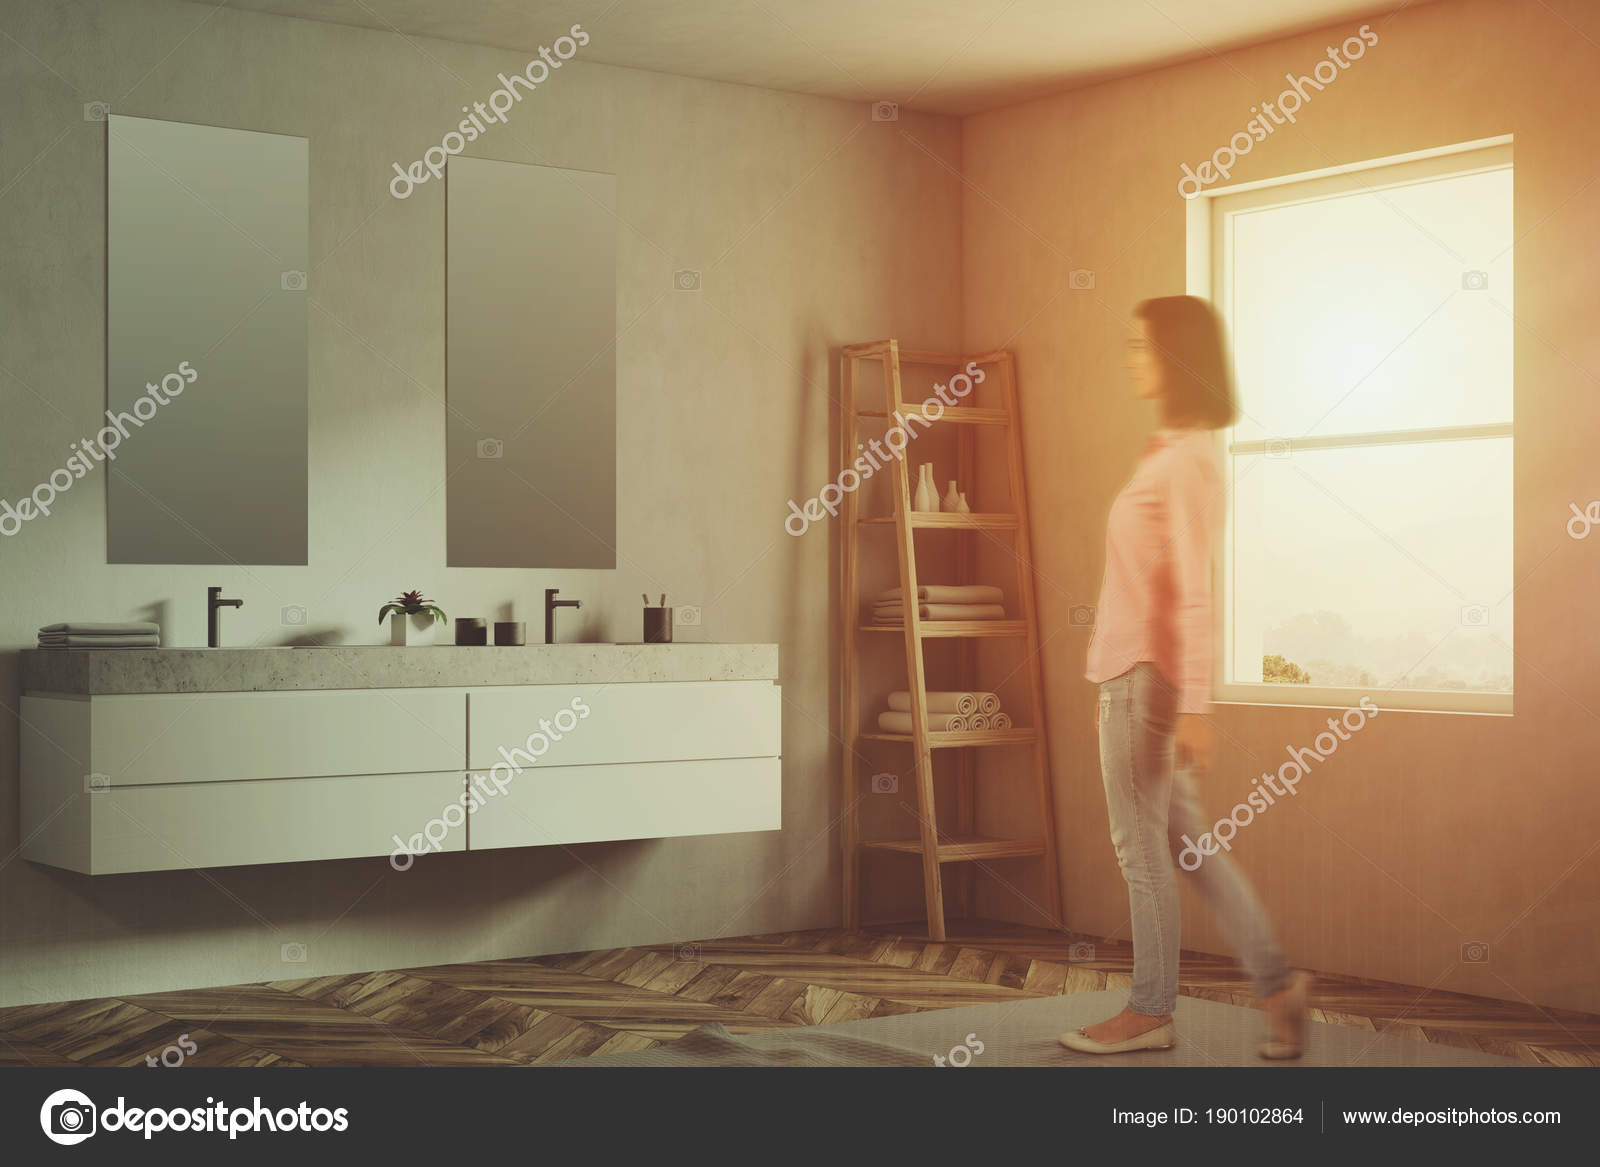 Ronde Spiegel Badkamer : Ronde spiegel badkamer top onze spiegelkast heeft spiegels aan de